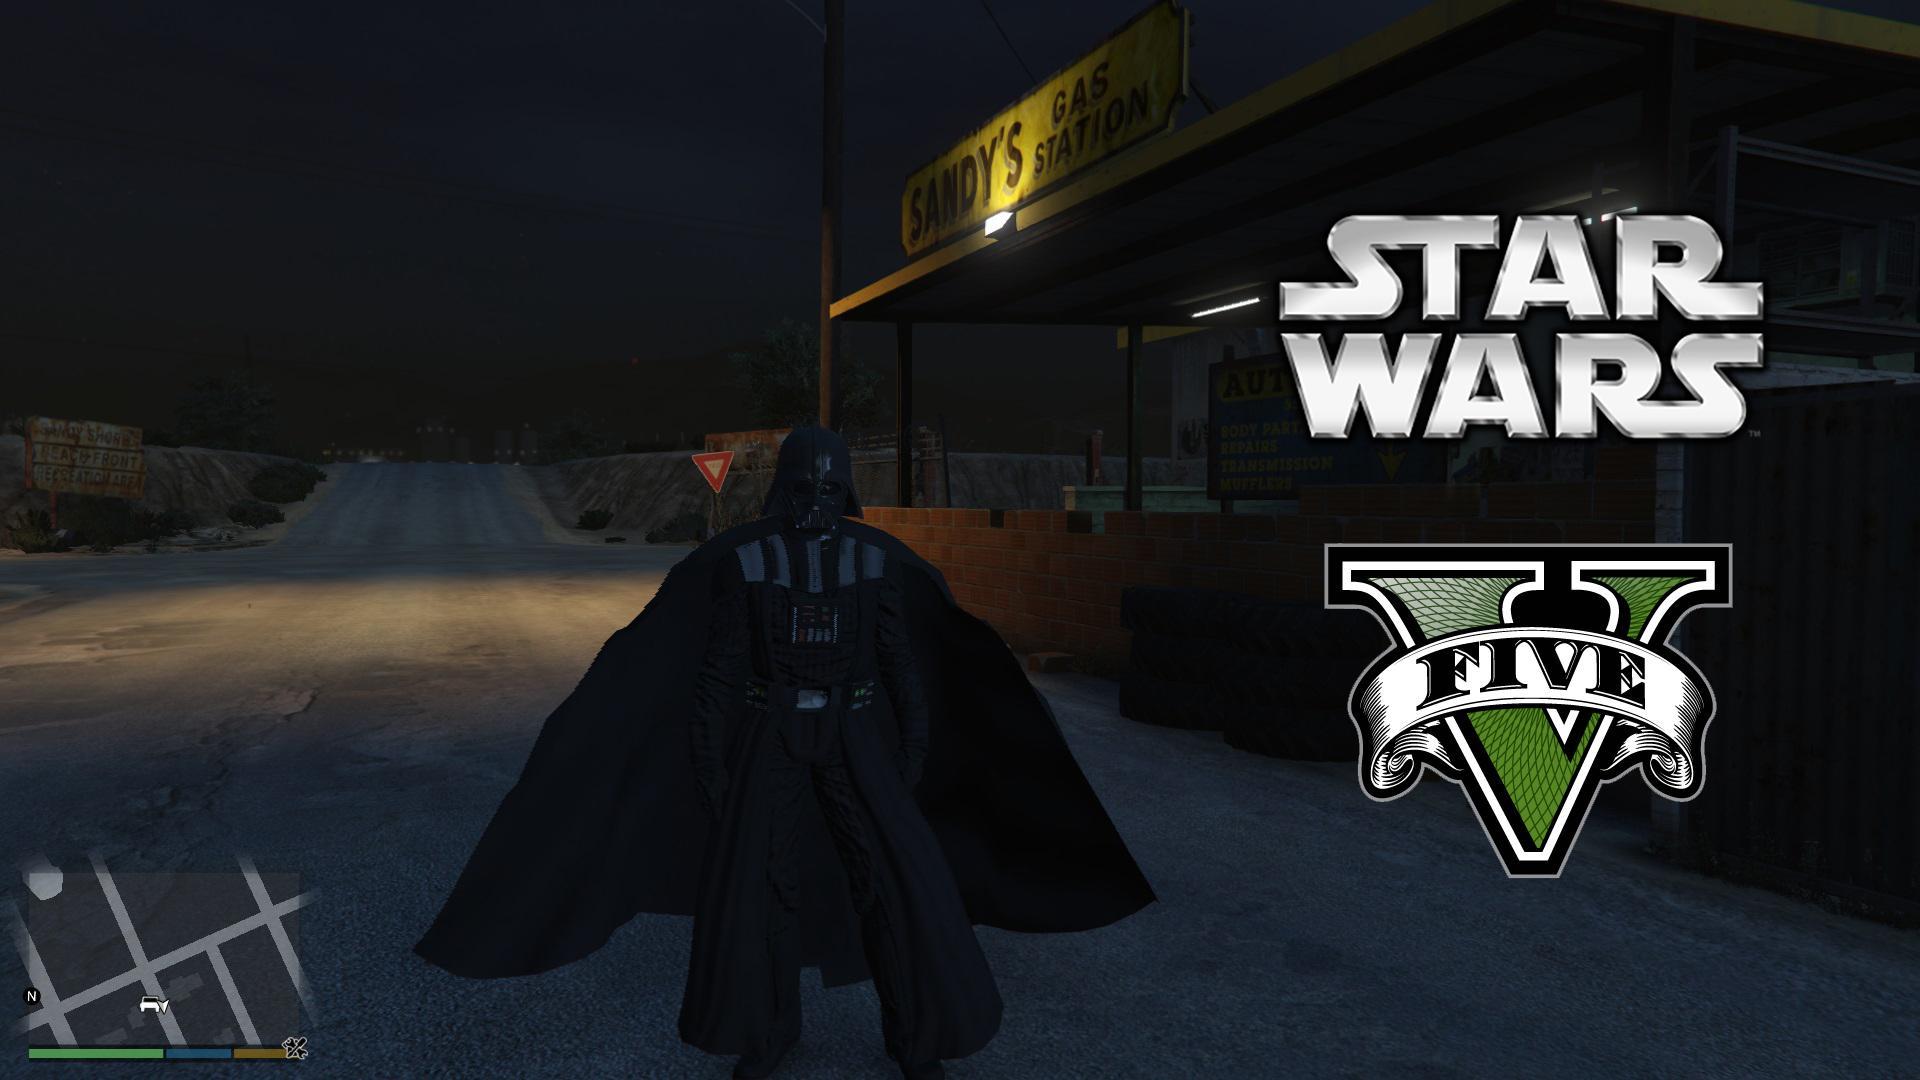 Star Wars Darth Vader [Ped]